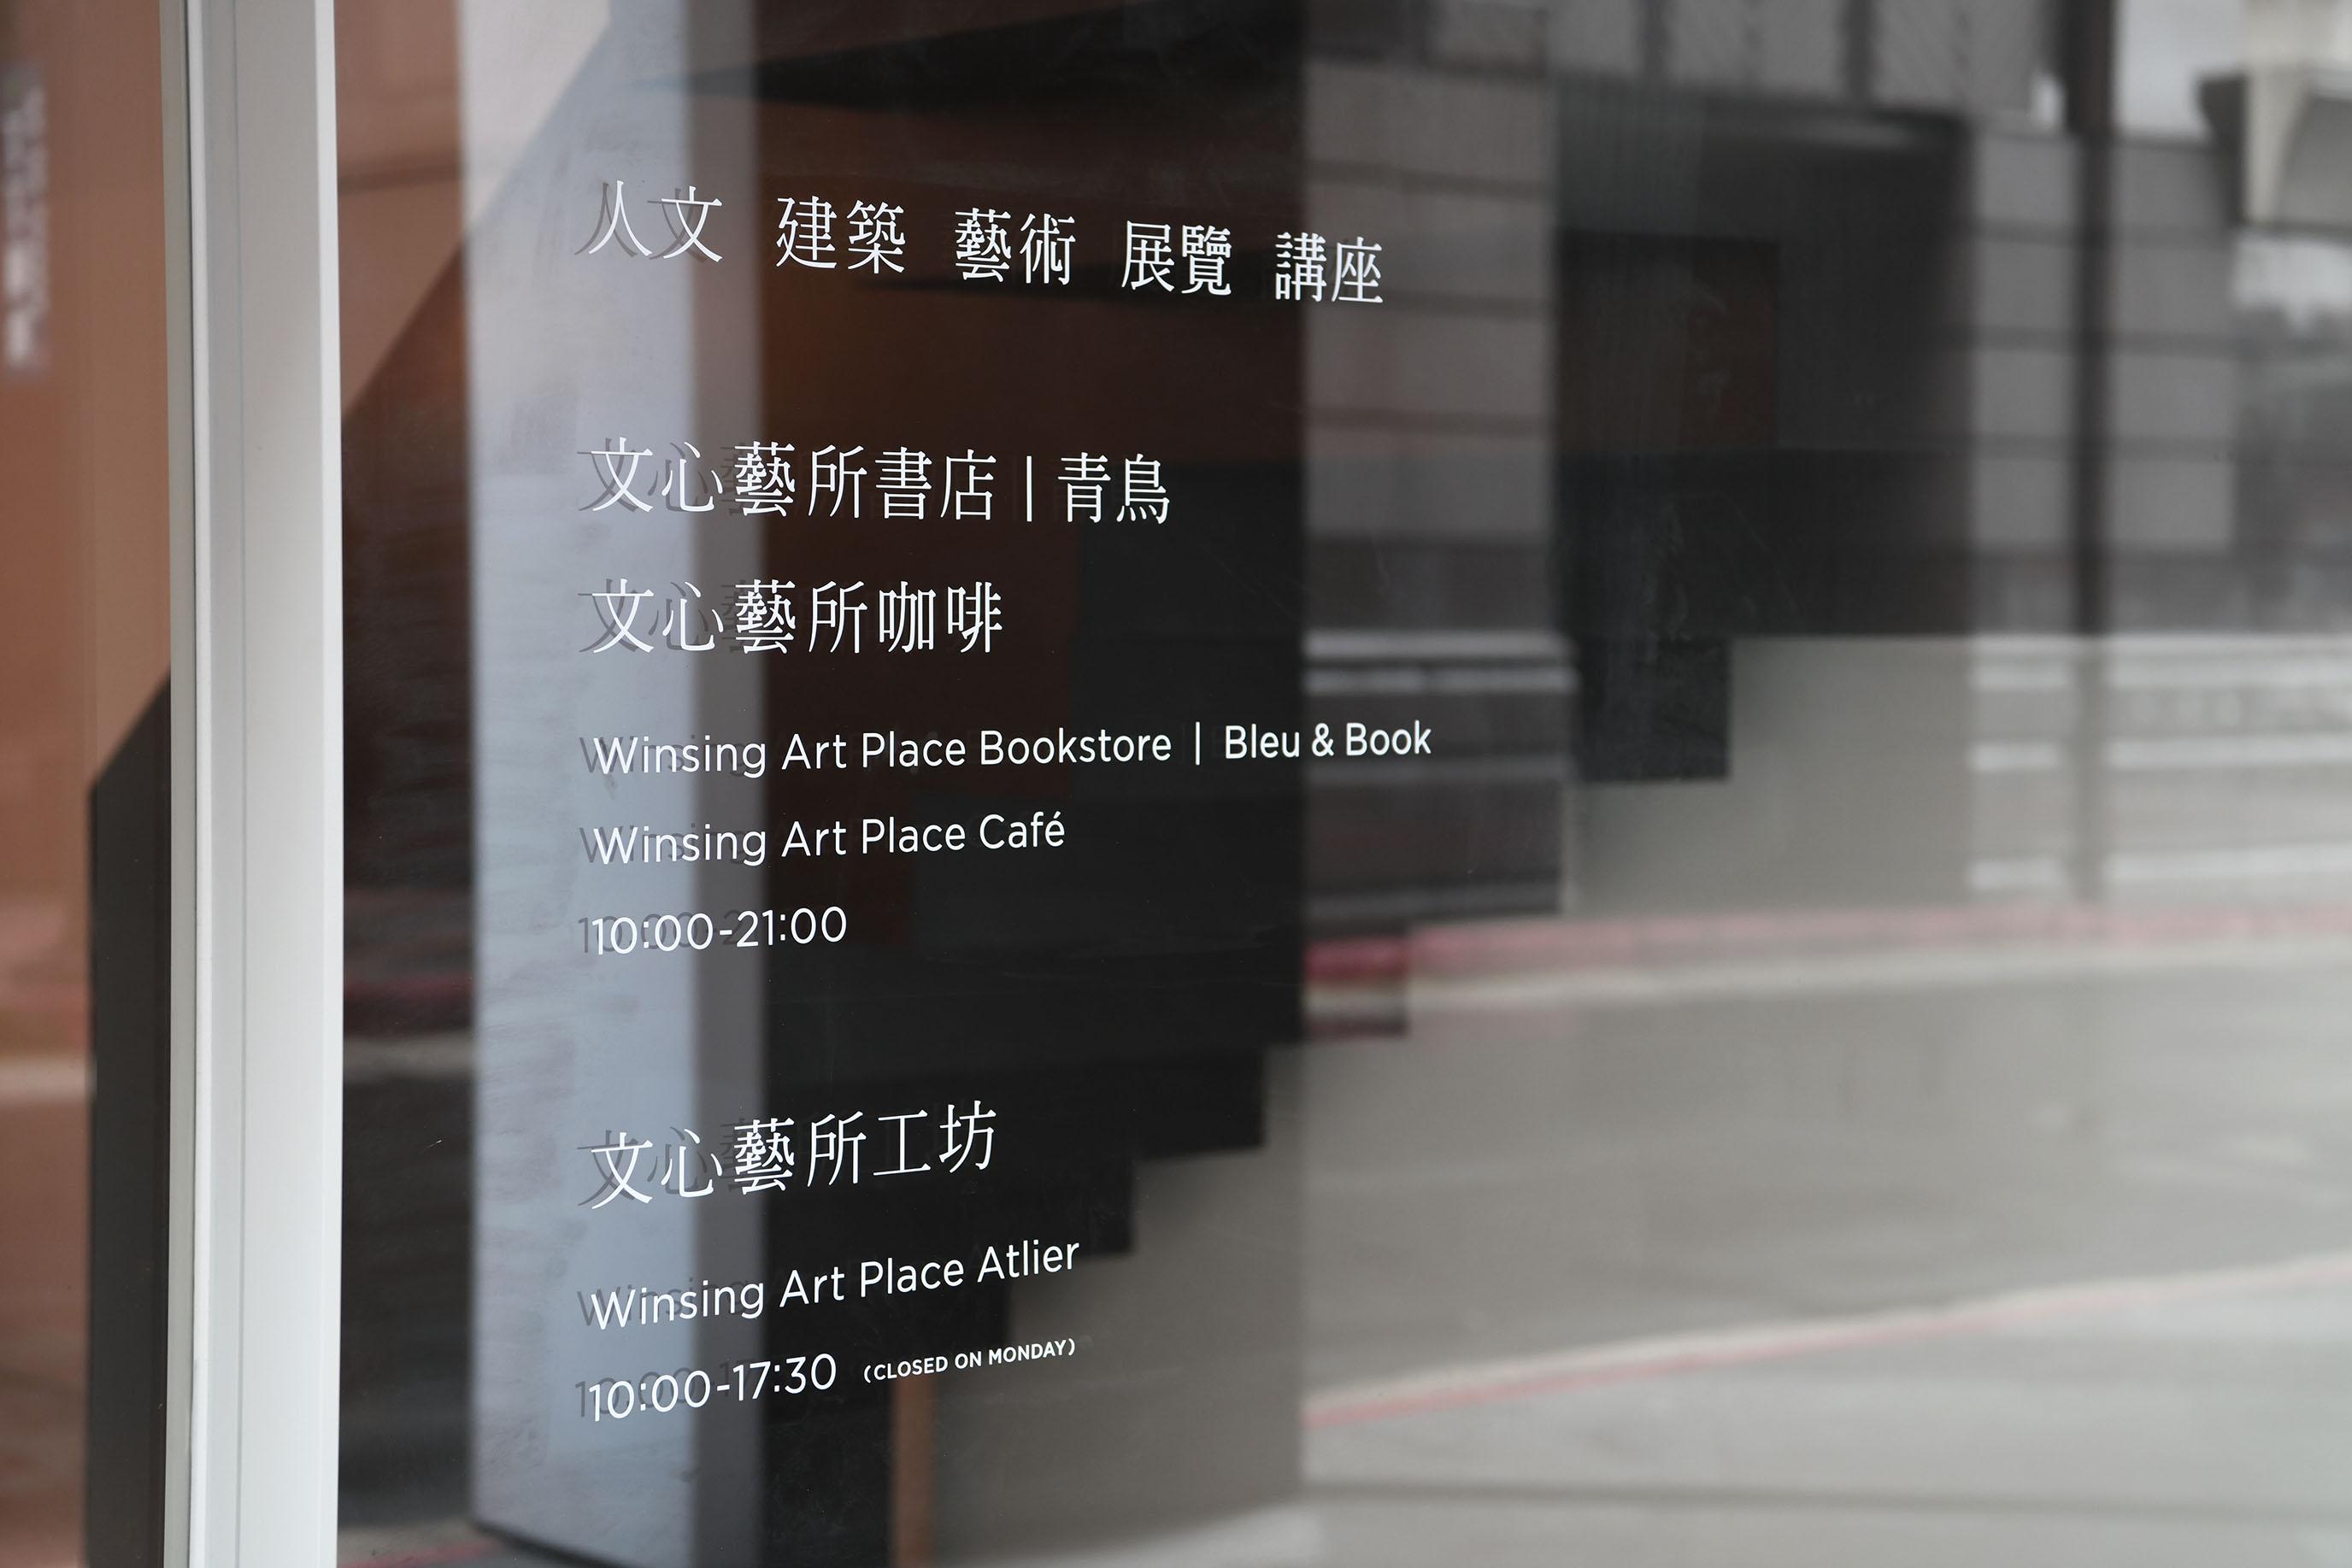 taipei bookstore